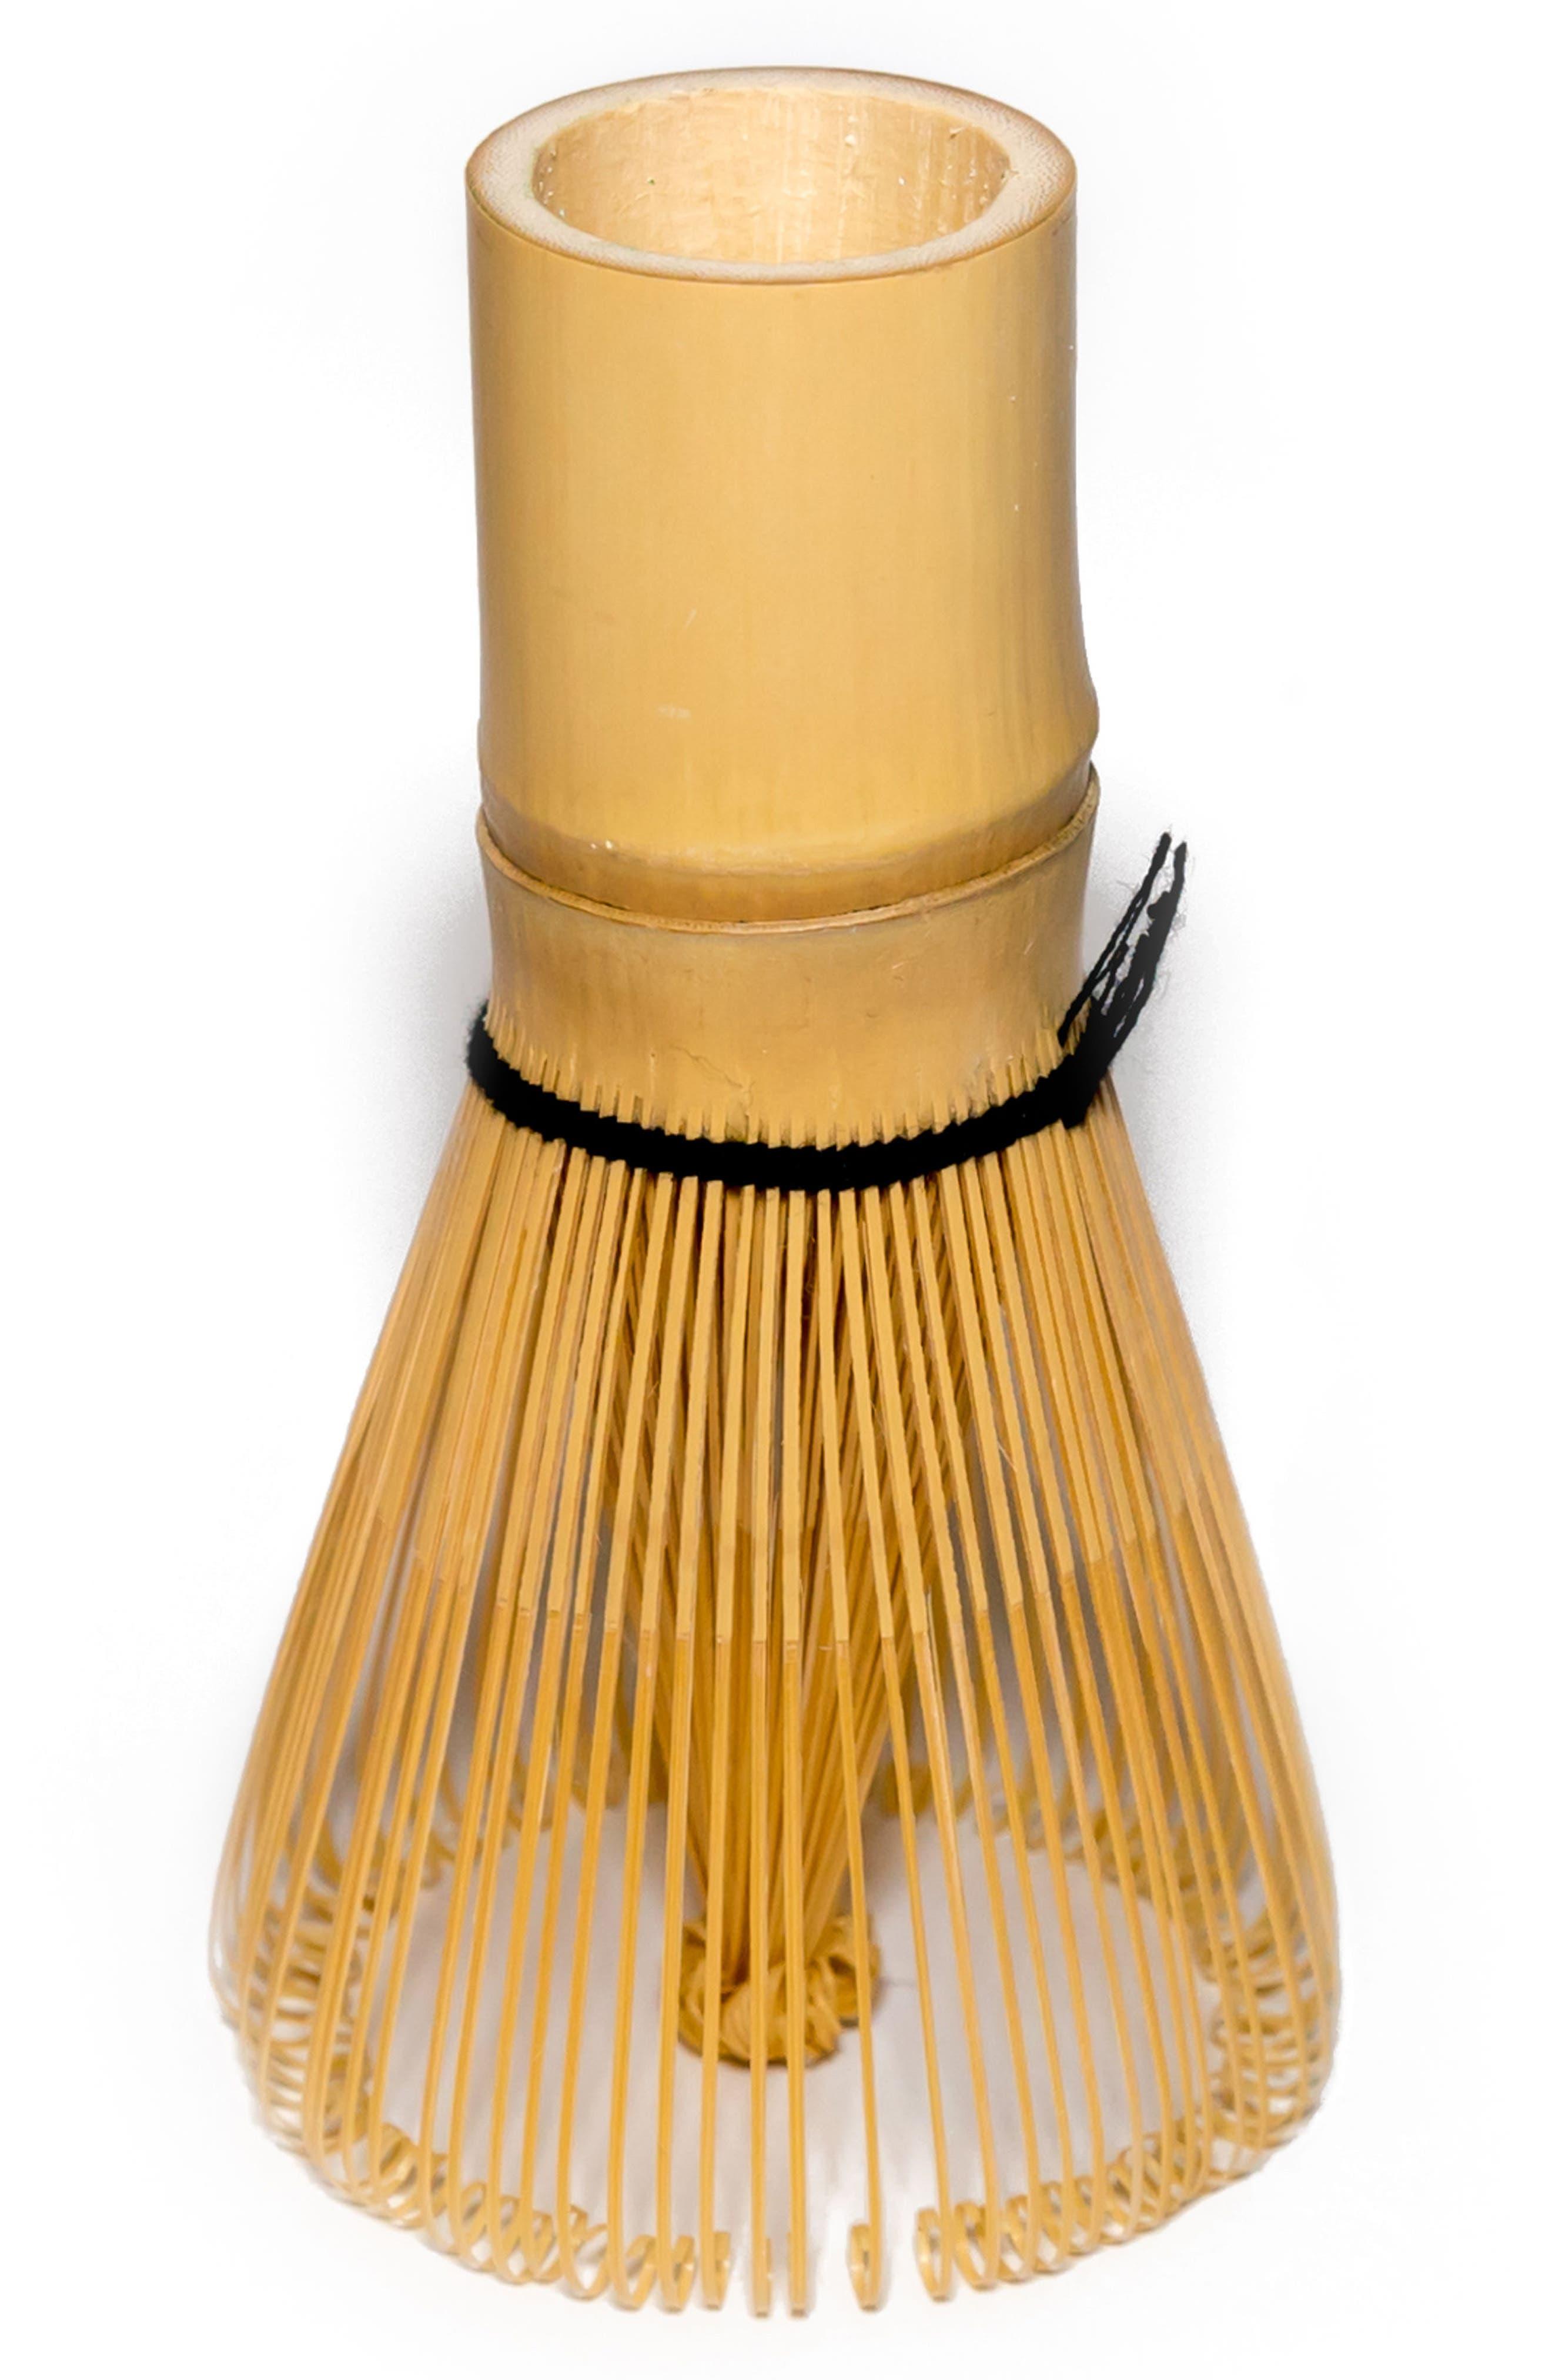 Alternate Image 2  - Chalait 100 Prong Bamboo Matcha Whisk